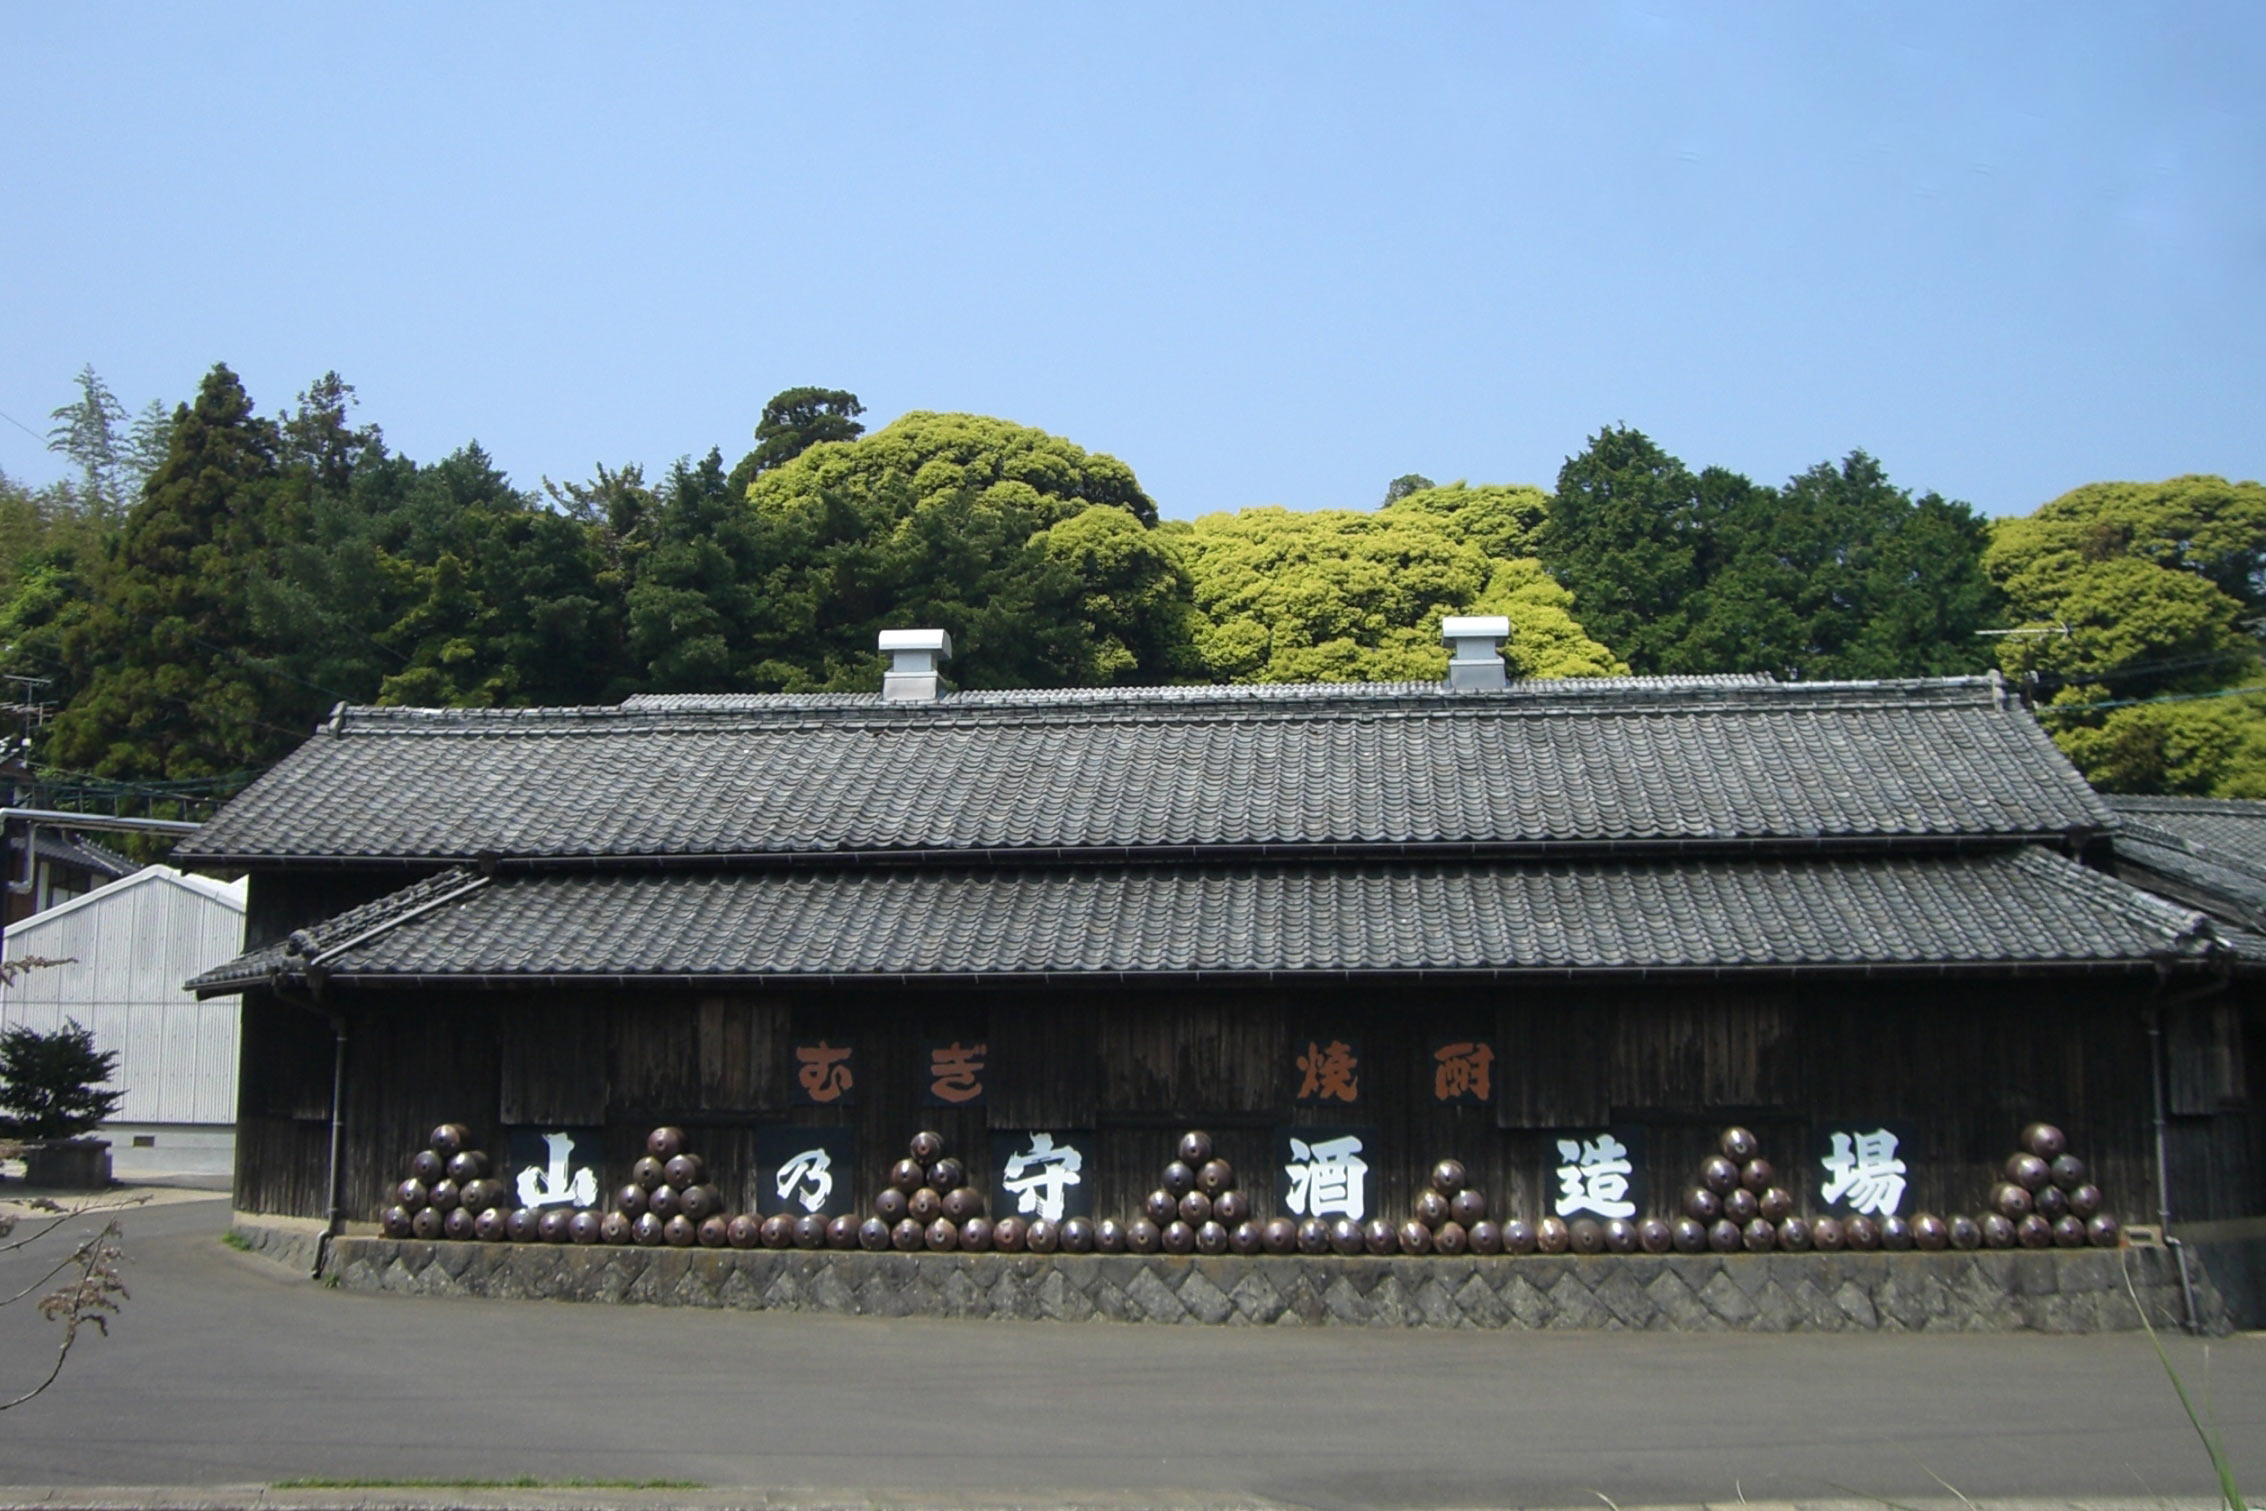 Yama no Mori Distilling Company